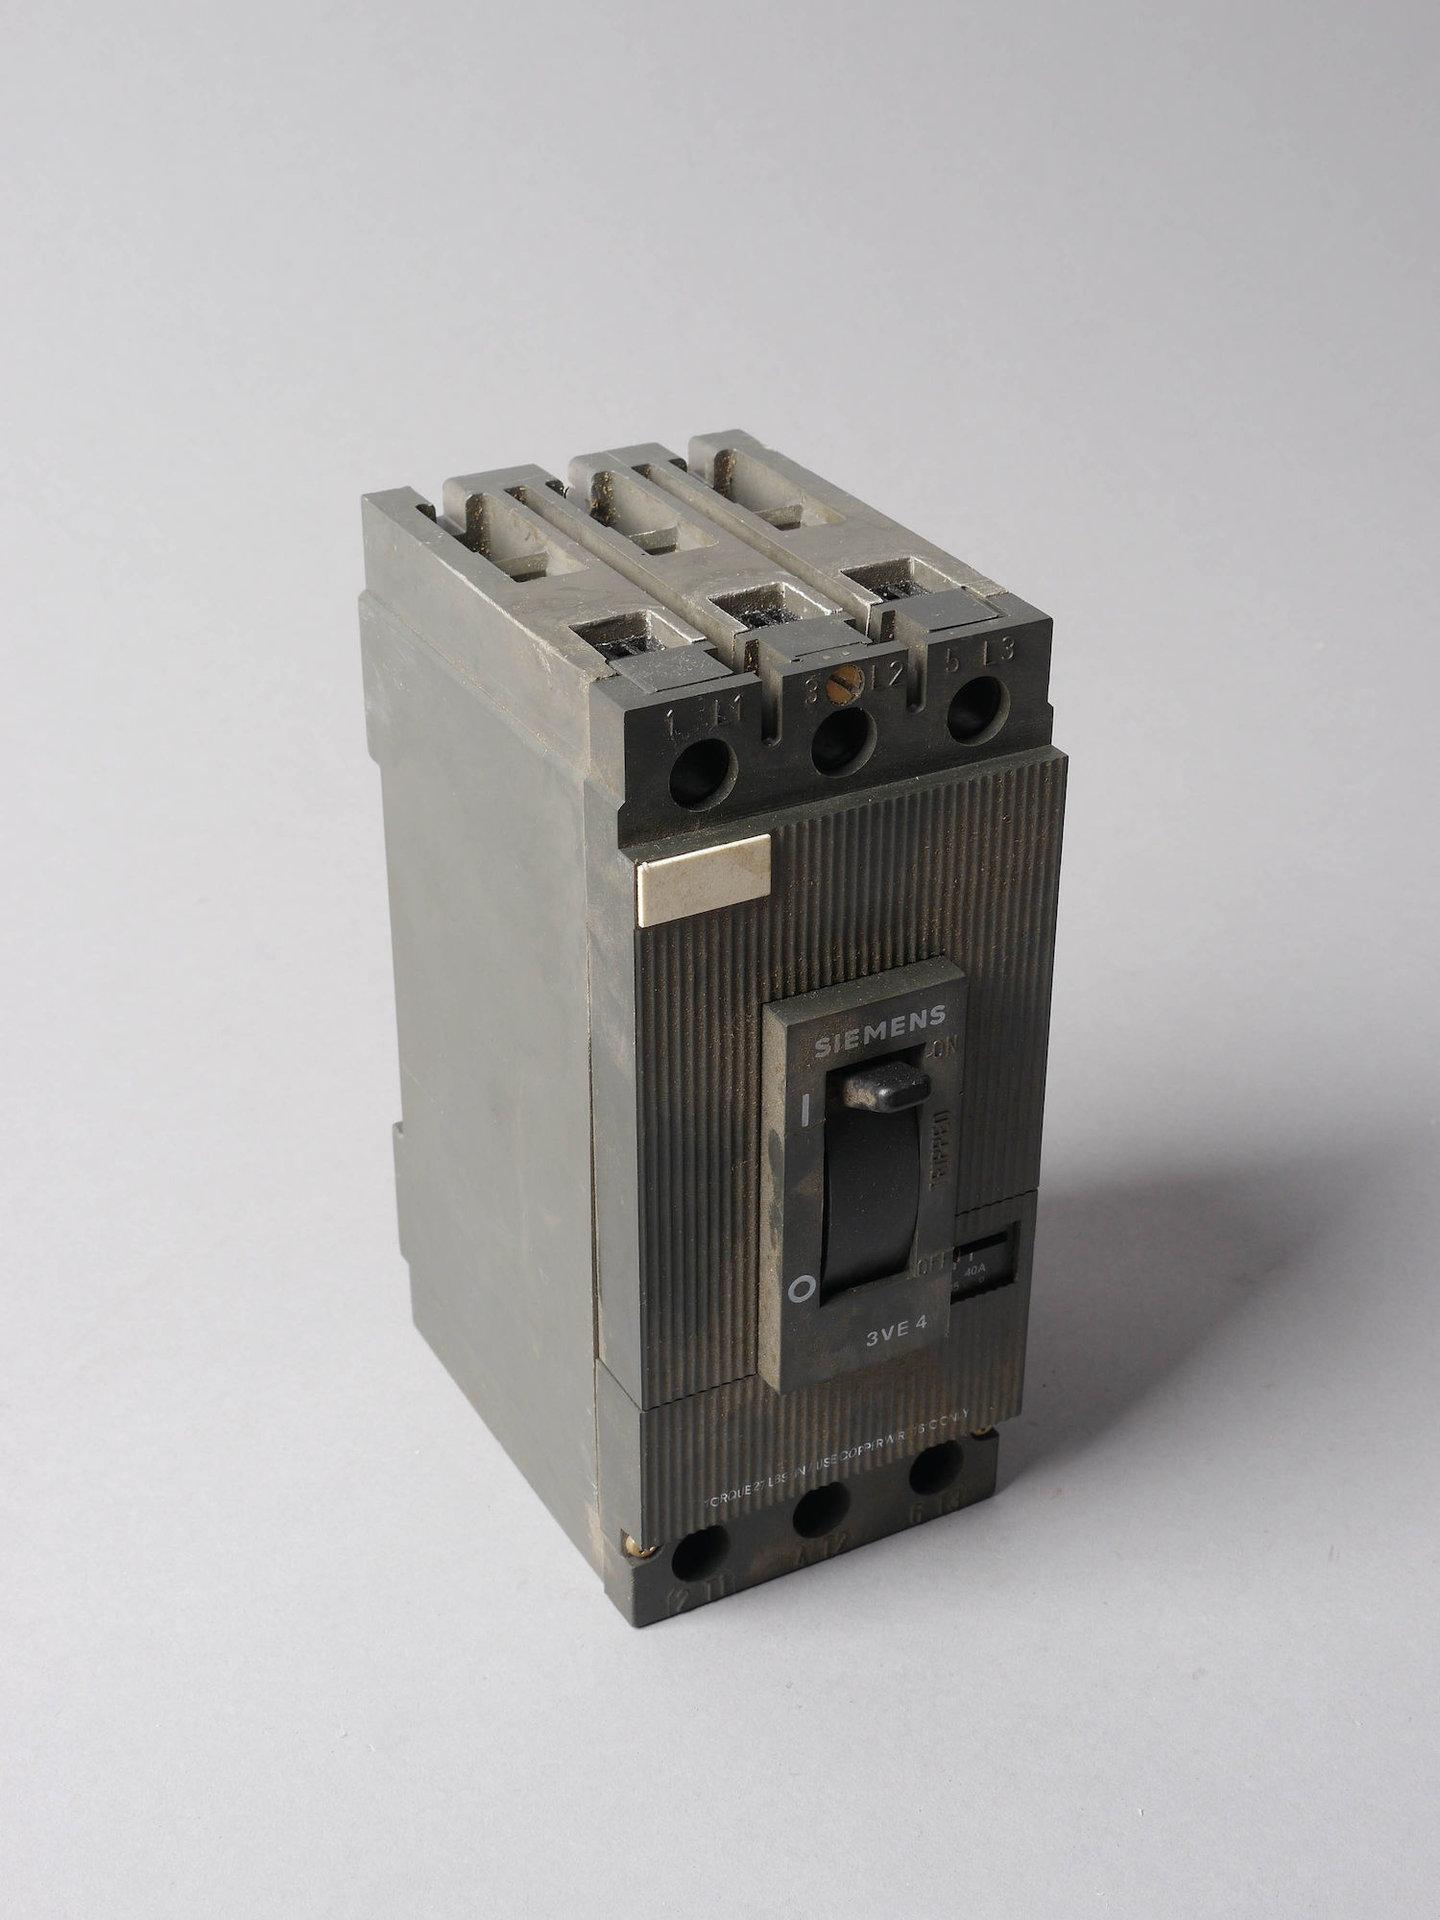 Driepolige installatieautomaat of zekeringautomaat van het merk Siemens